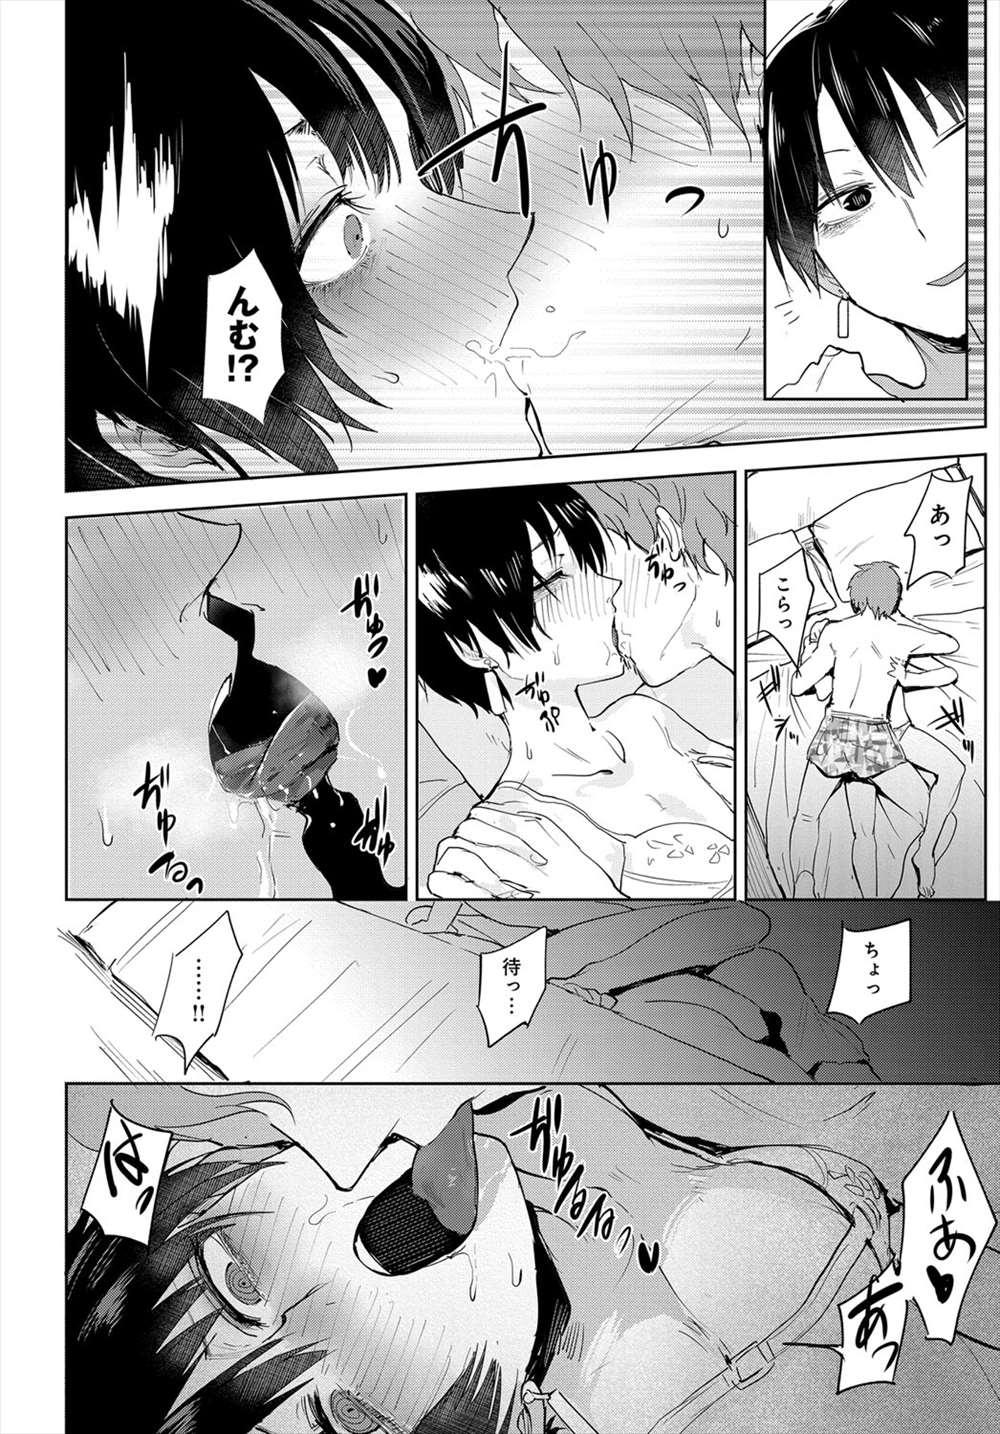 【エロ漫画】サークルの飲み会バックれてラブホへ…クール系女子と生挿入中出ししちゃうww【腐蝕:合煙奇煙】